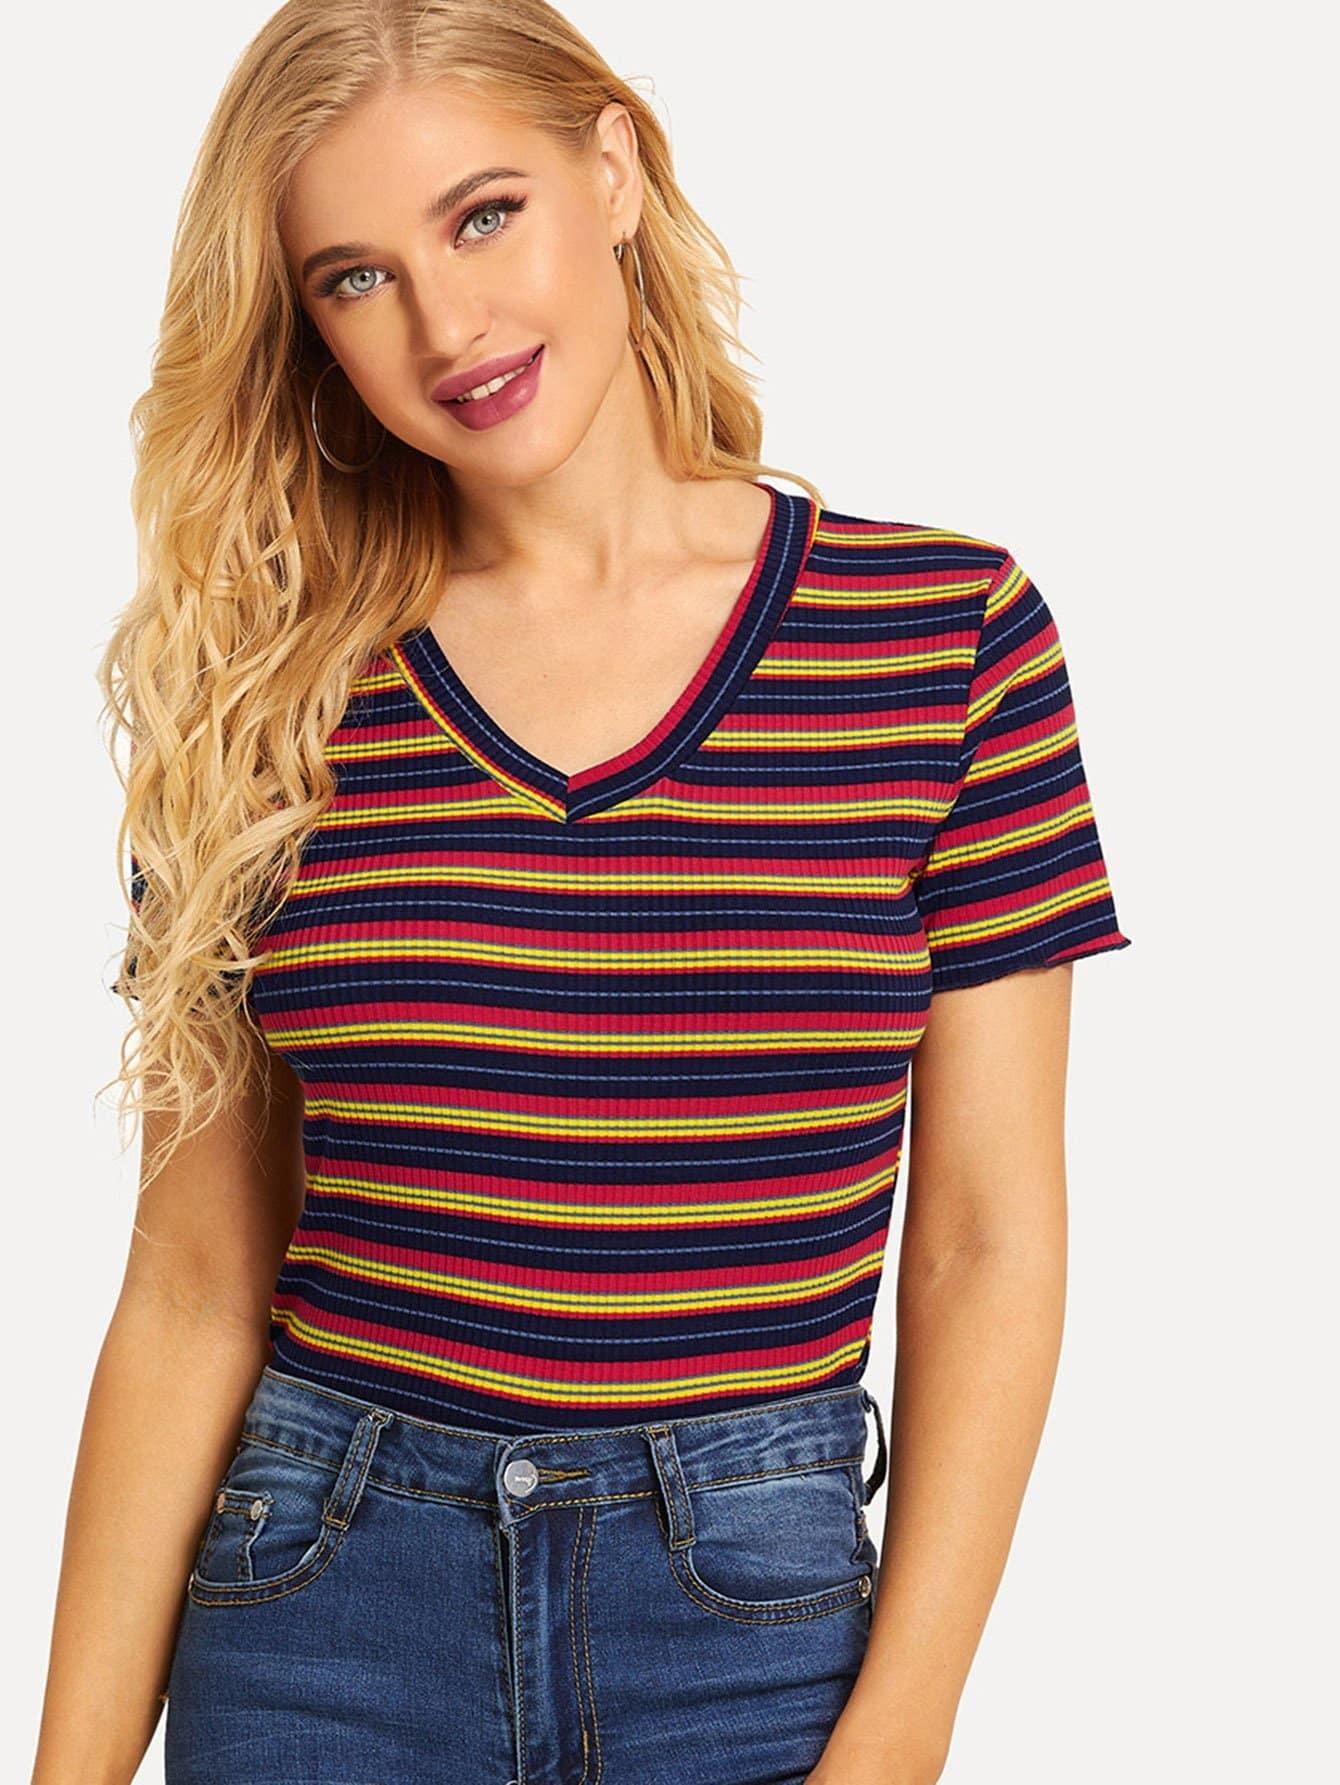 Купить Полосатая футболка с v-образным вырезом, SUSU, SheIn